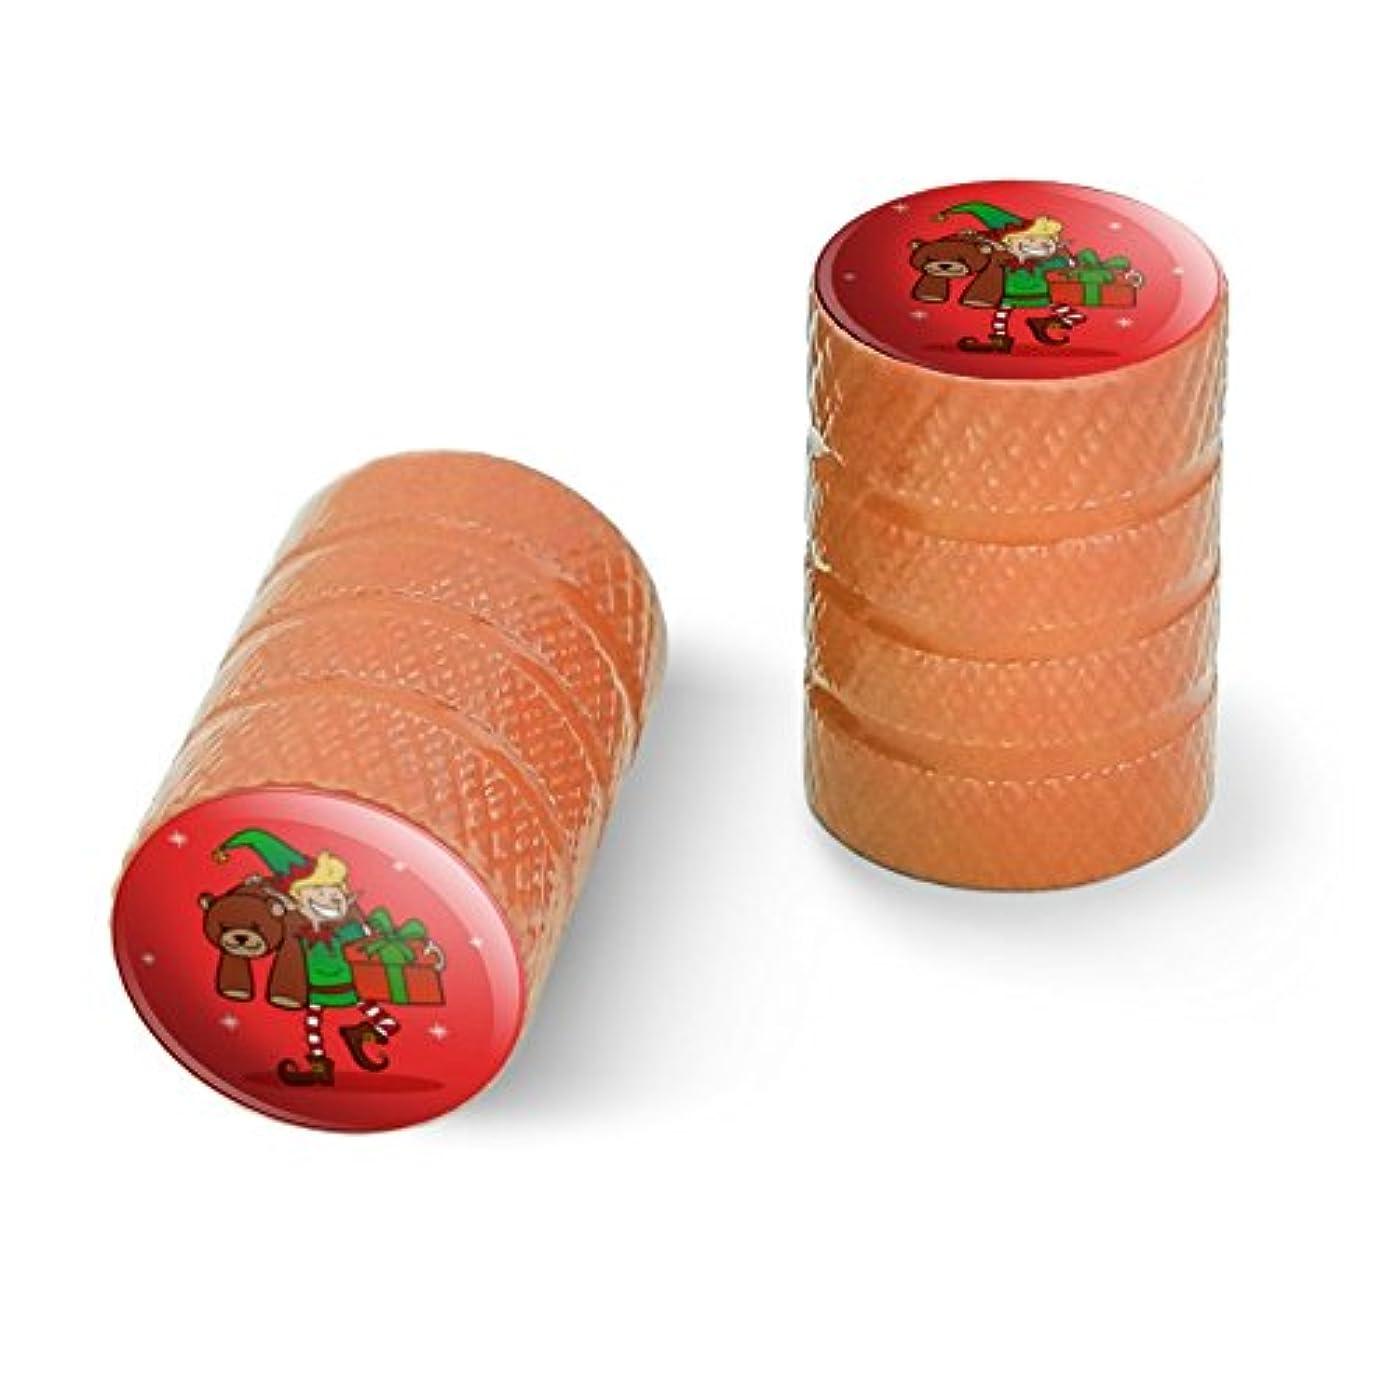 葉っぱ乳剤大西洋クリスマスエルフとプレゼントとギフトオートバイ自転車バイクタイヤリムホイールアルミバルブステムキャップ - オレンジ